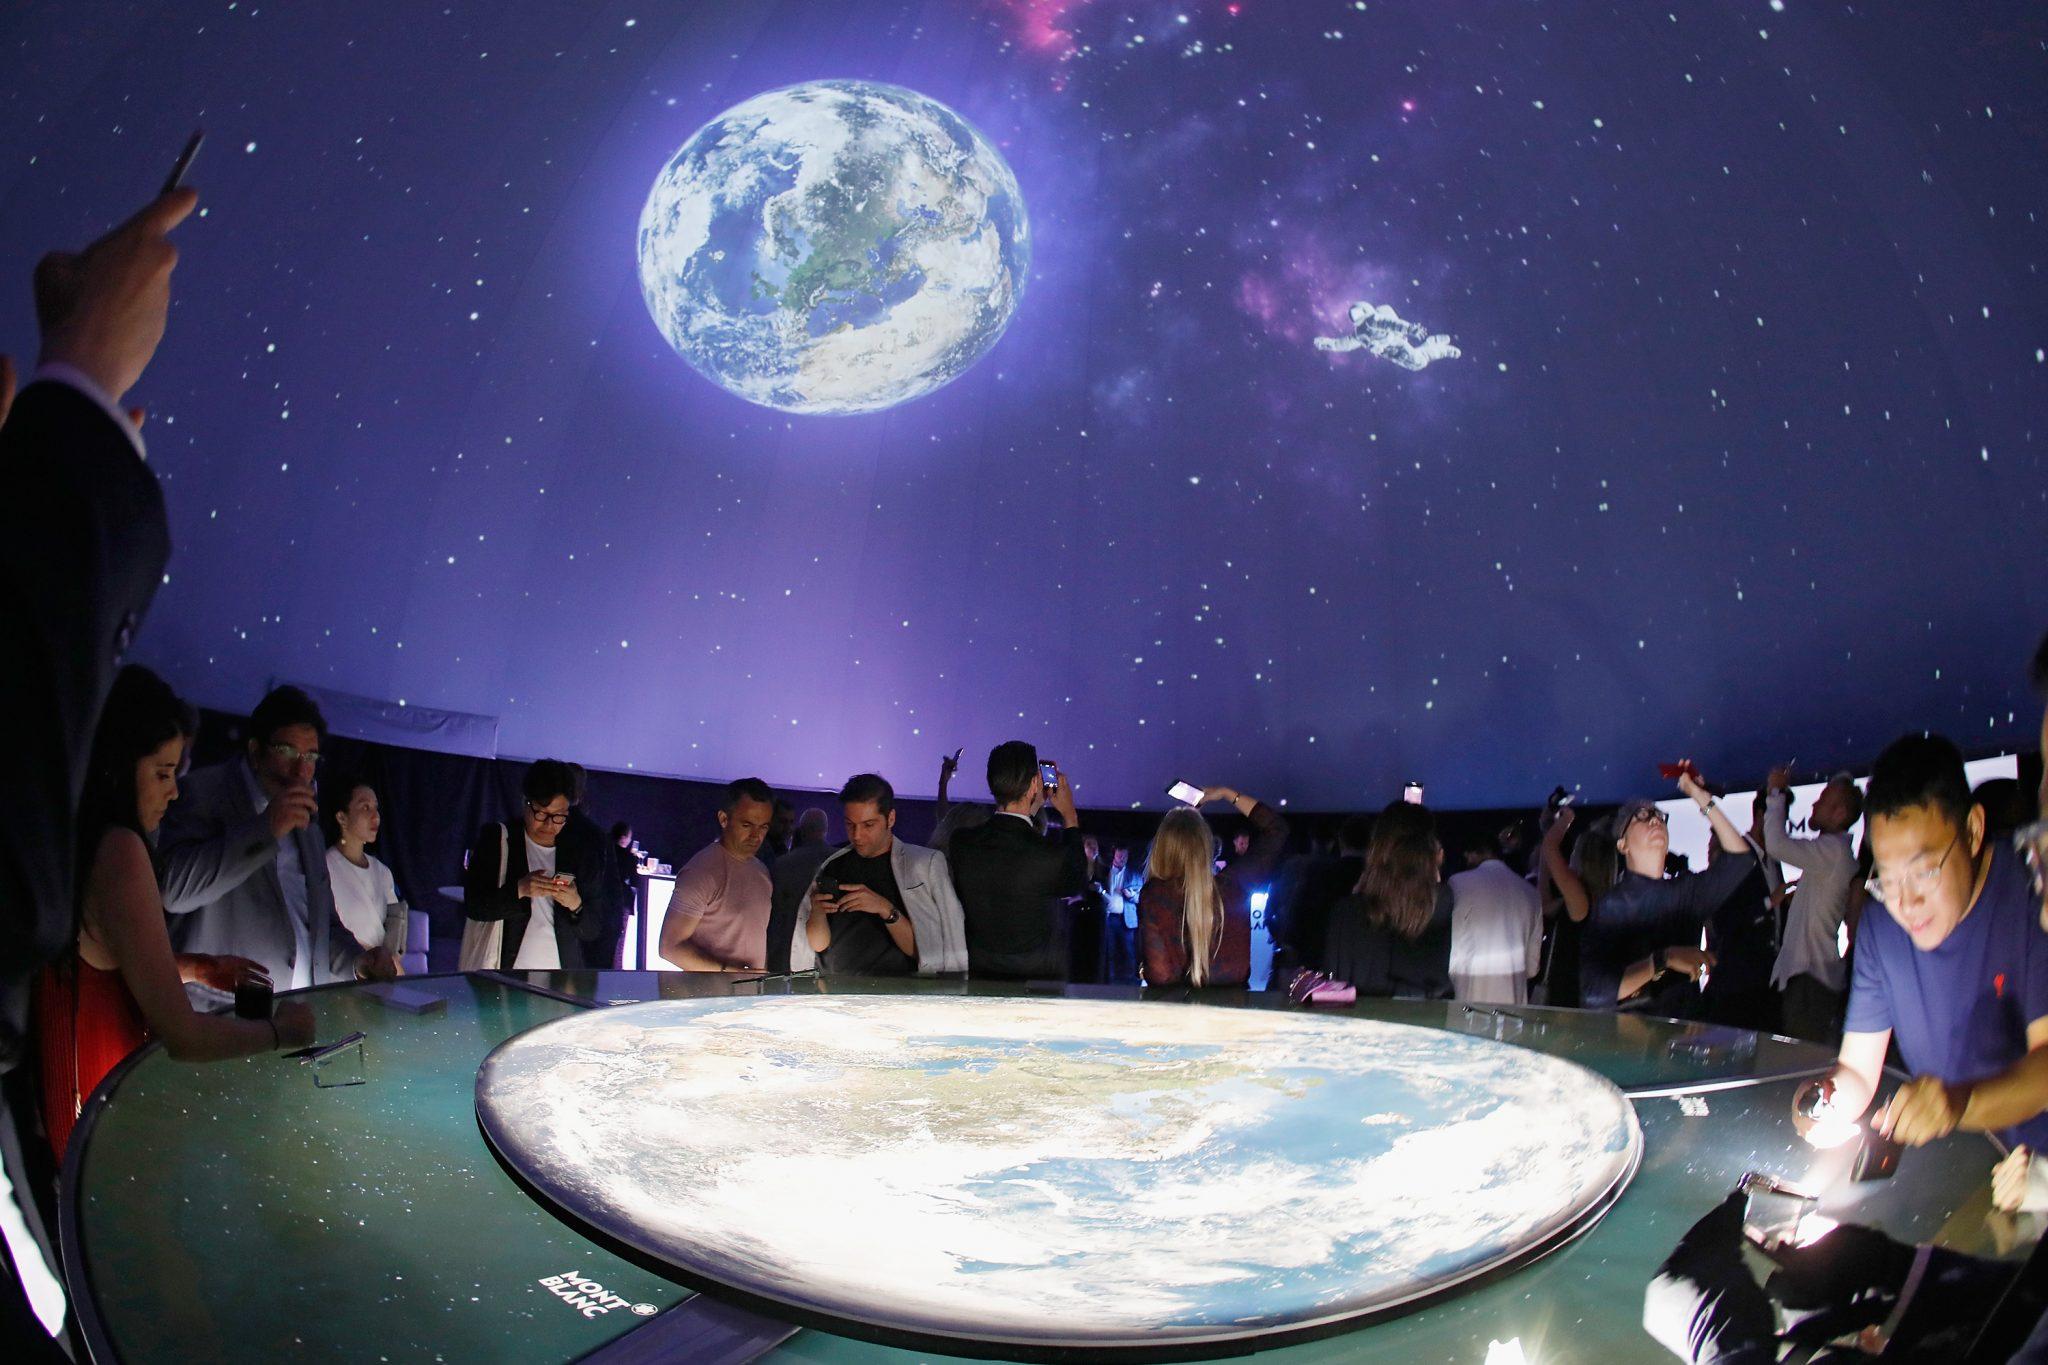 StarWalker Houston event 5 - Uma Noite Entre As Estrelas: Montblanc Apresenta Sua Nova Coleção StarWalker Em Houston